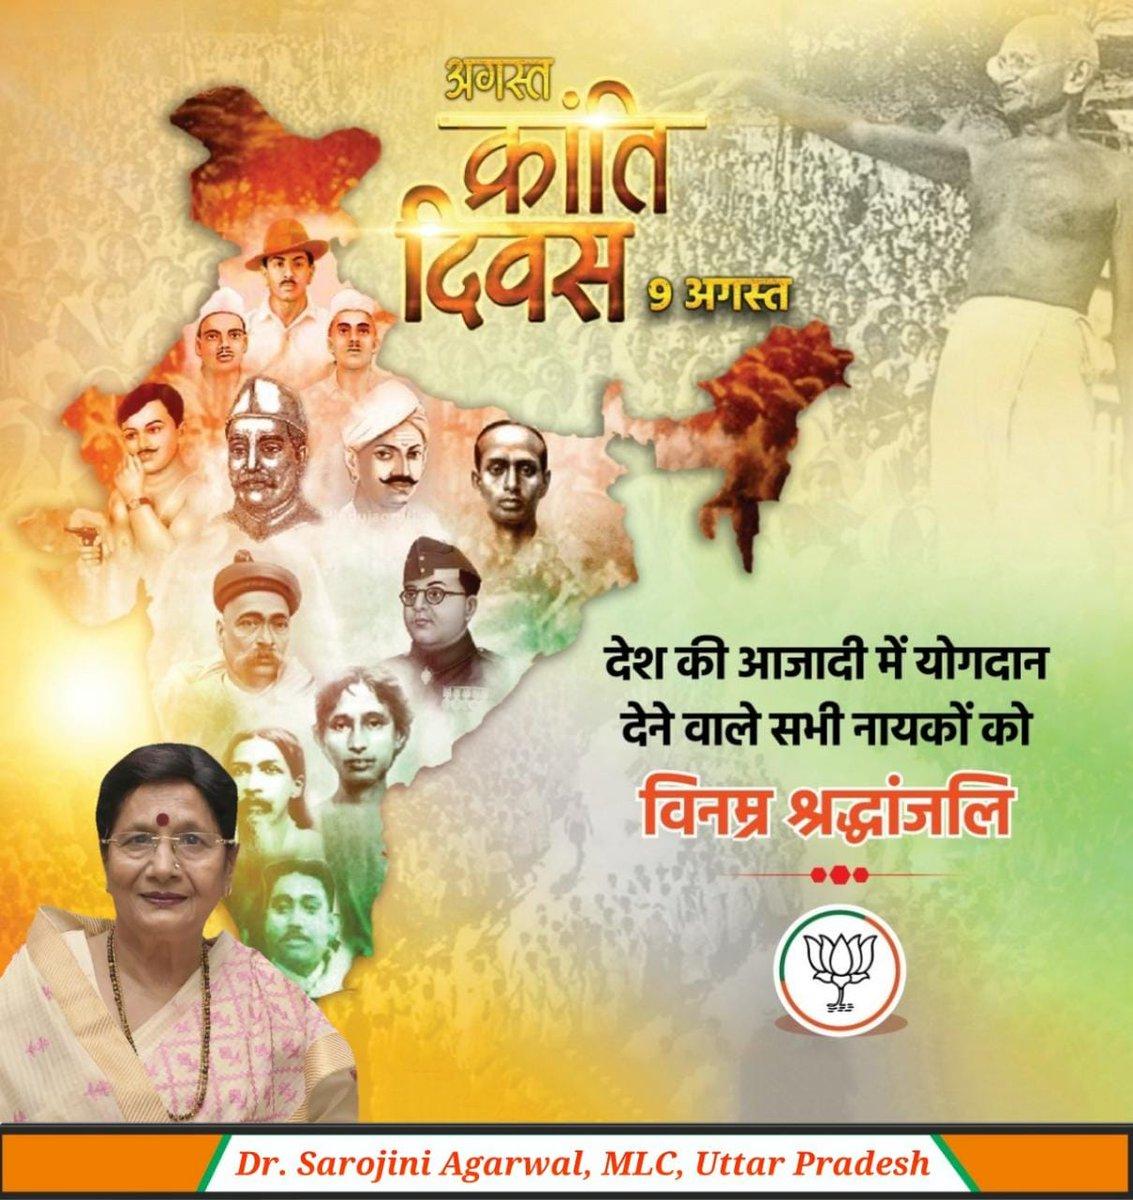 अगस्त क्रांति दिवस 9 अगस्त देश की आजादी में योगदान देने वाले सभी नायकों को निम्रम श्रद्धांजलि! @narendramodi @AmitShah @rajnathsingh @sunilbansalbjp @DrMNPandeyMP @swatantrabjp @myogiadityanath